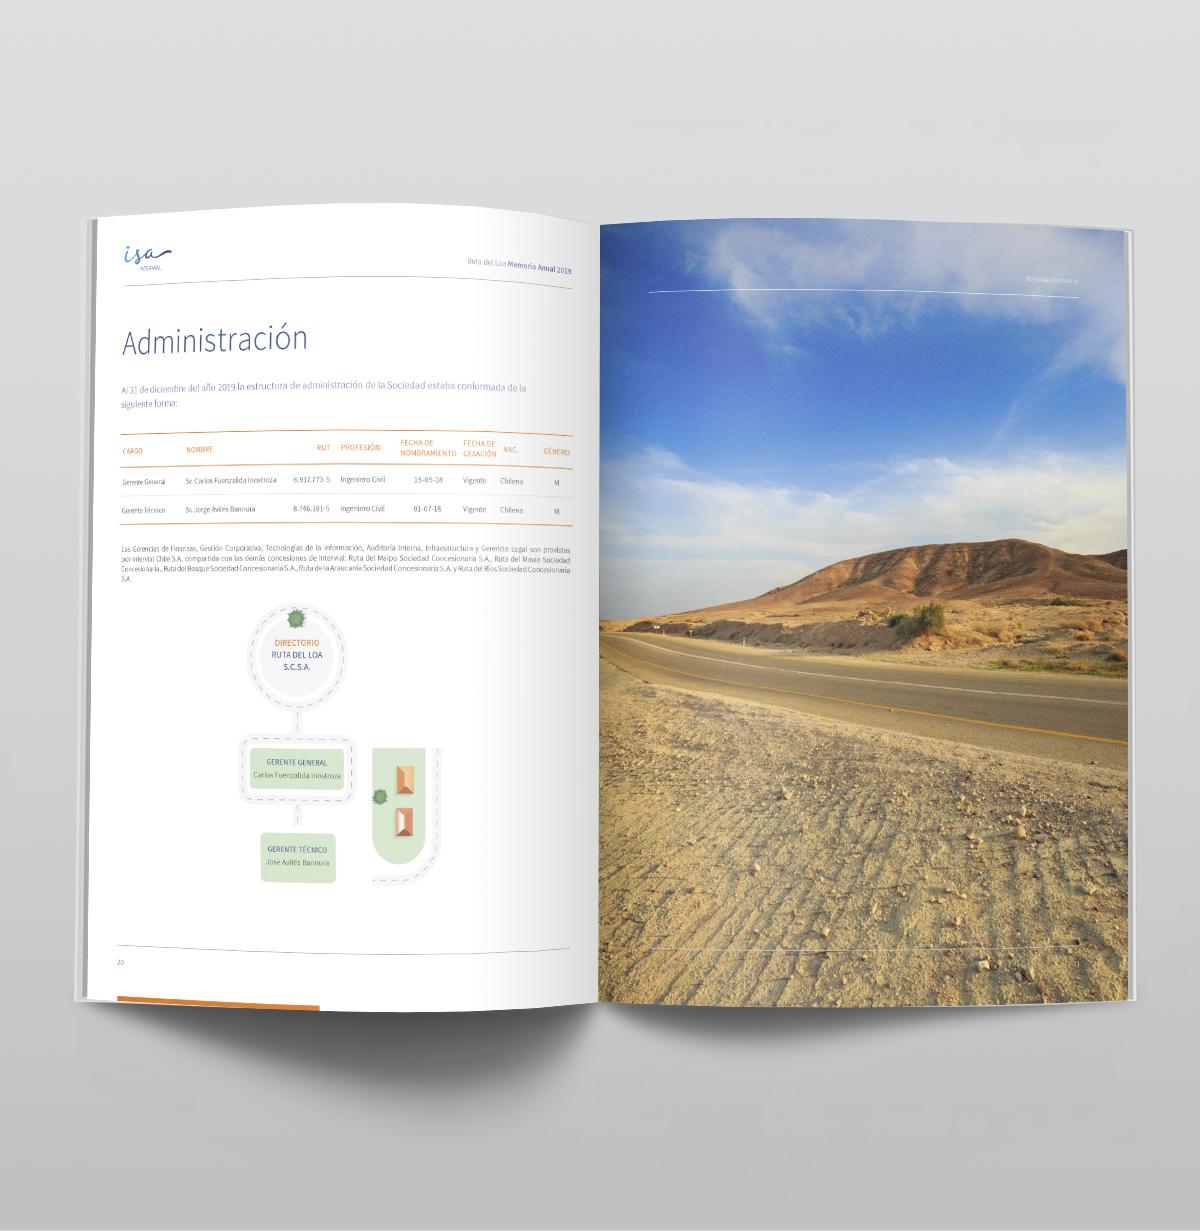 Plantilla-fotos-interior-ISA-Loa1